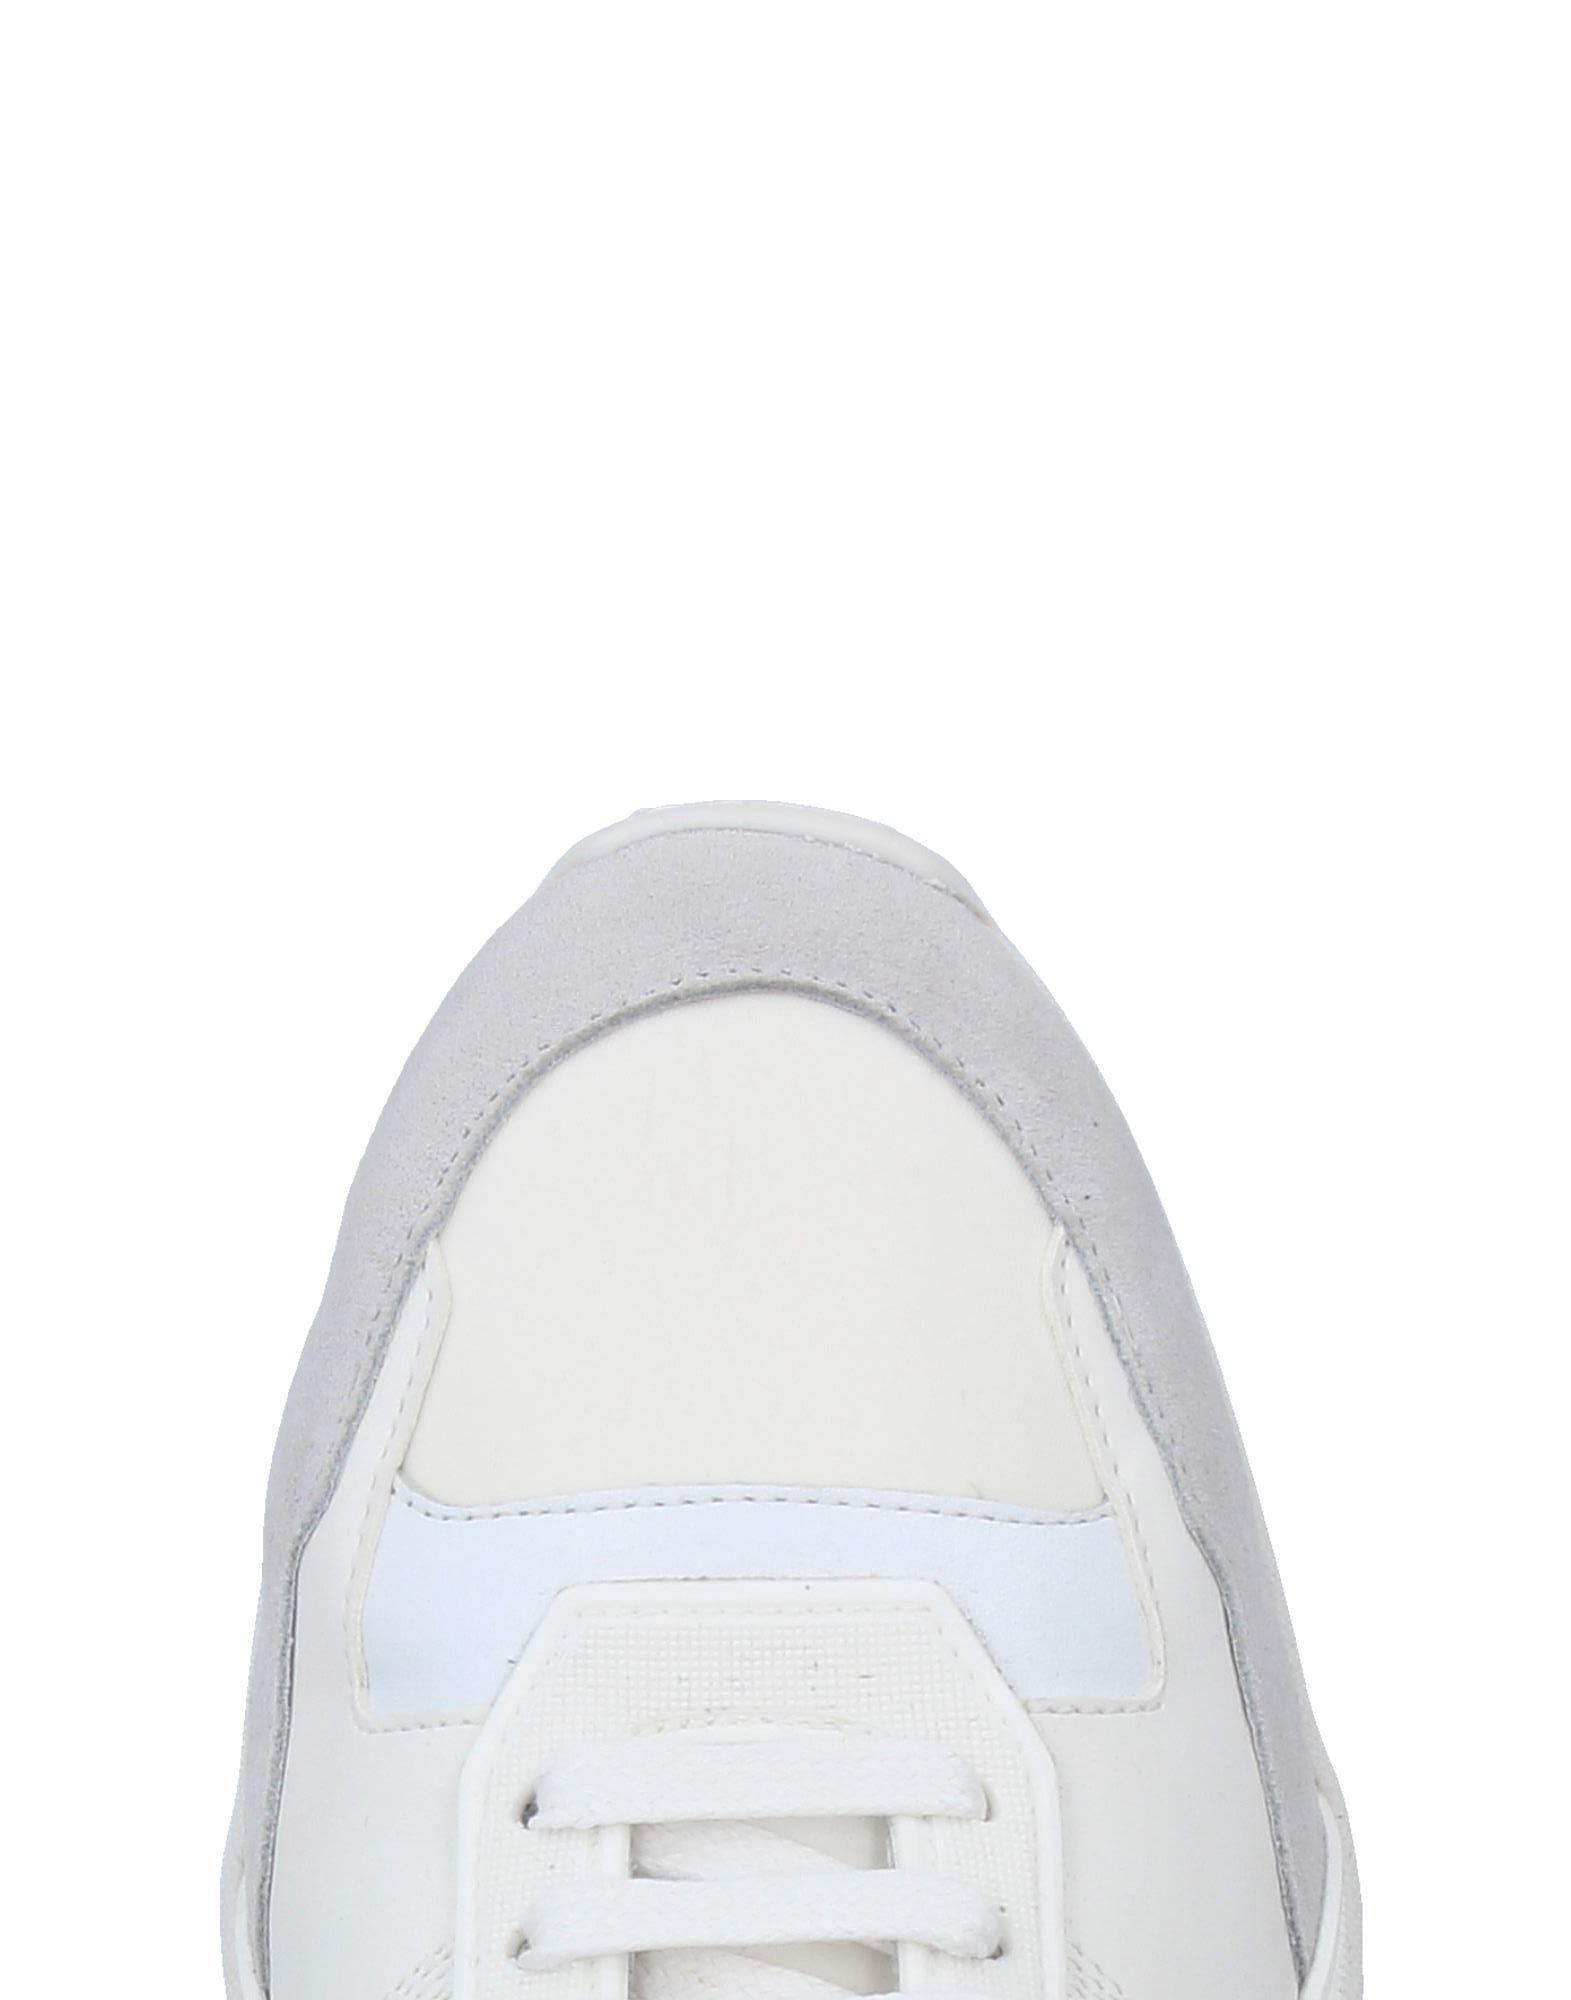 DsquaROT2 Sneakers Sneakers Sneakers Herren Gutes Preis-Leistungs-Verhältnis, es lohnt sich 4fc284